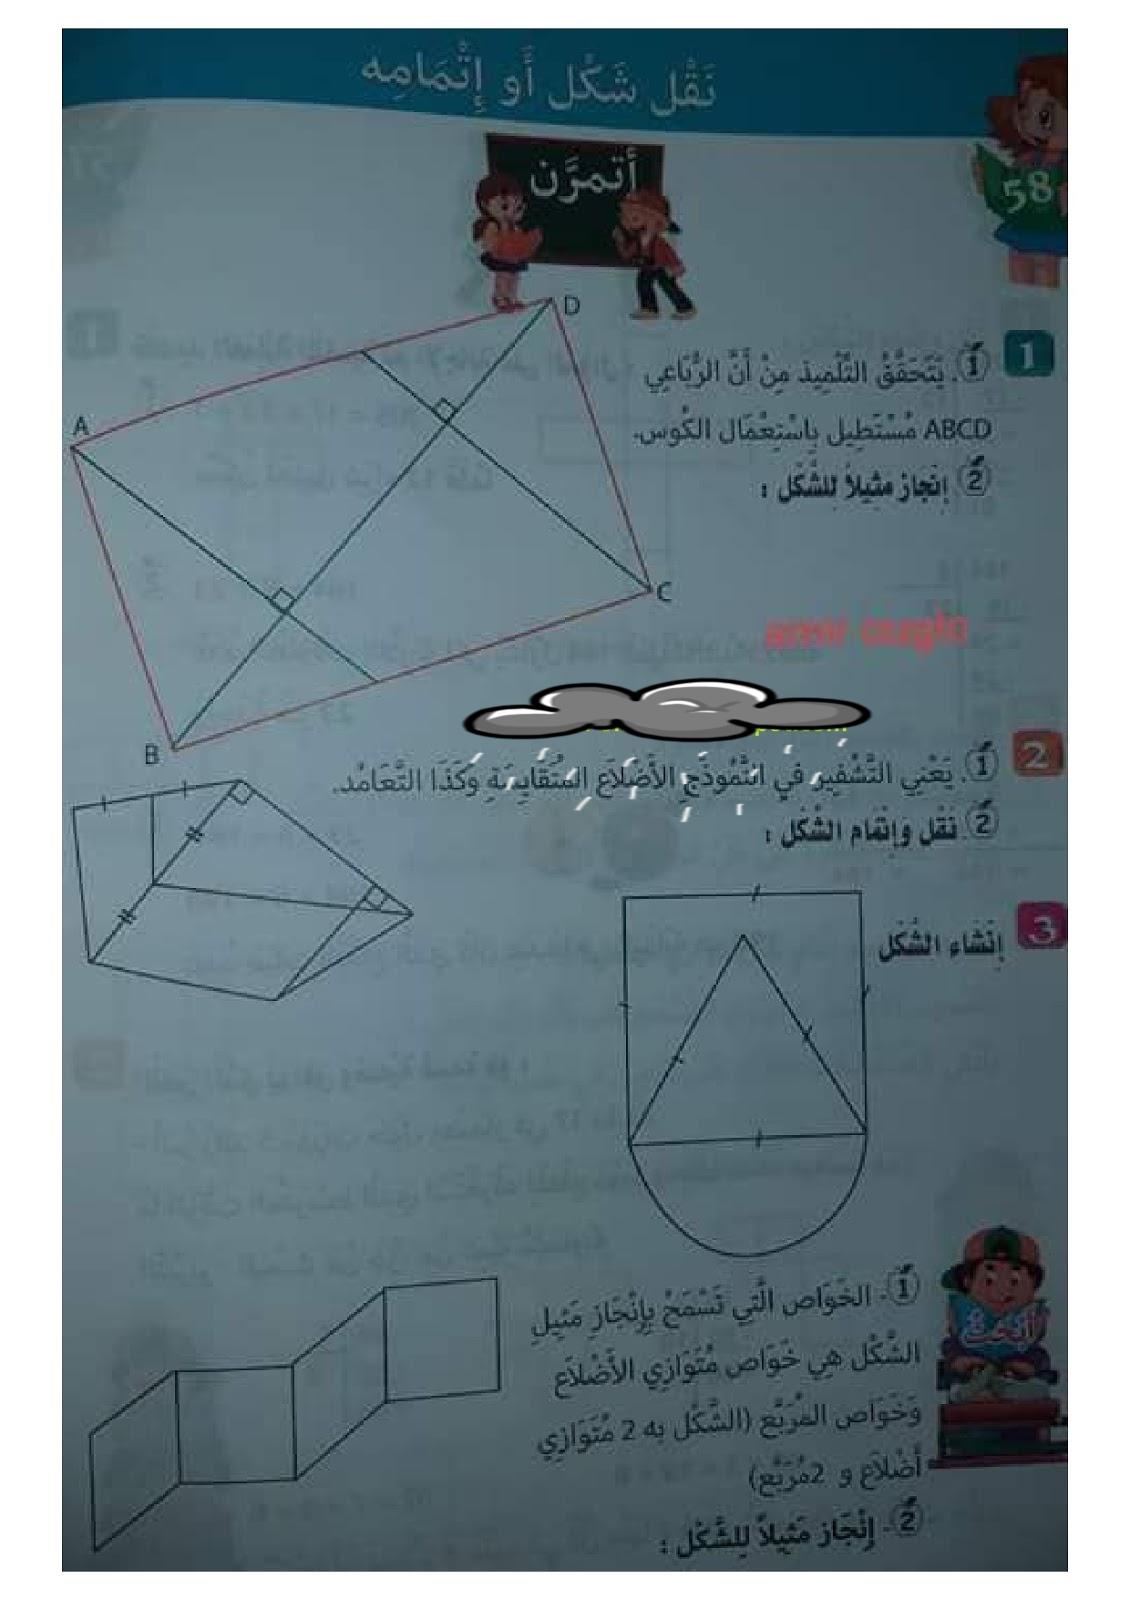 سنة خامسة ابتدائي حلول تمارين صفحة 58 من كراس النشاطات في الرياضيات - الجيل الثاني 4